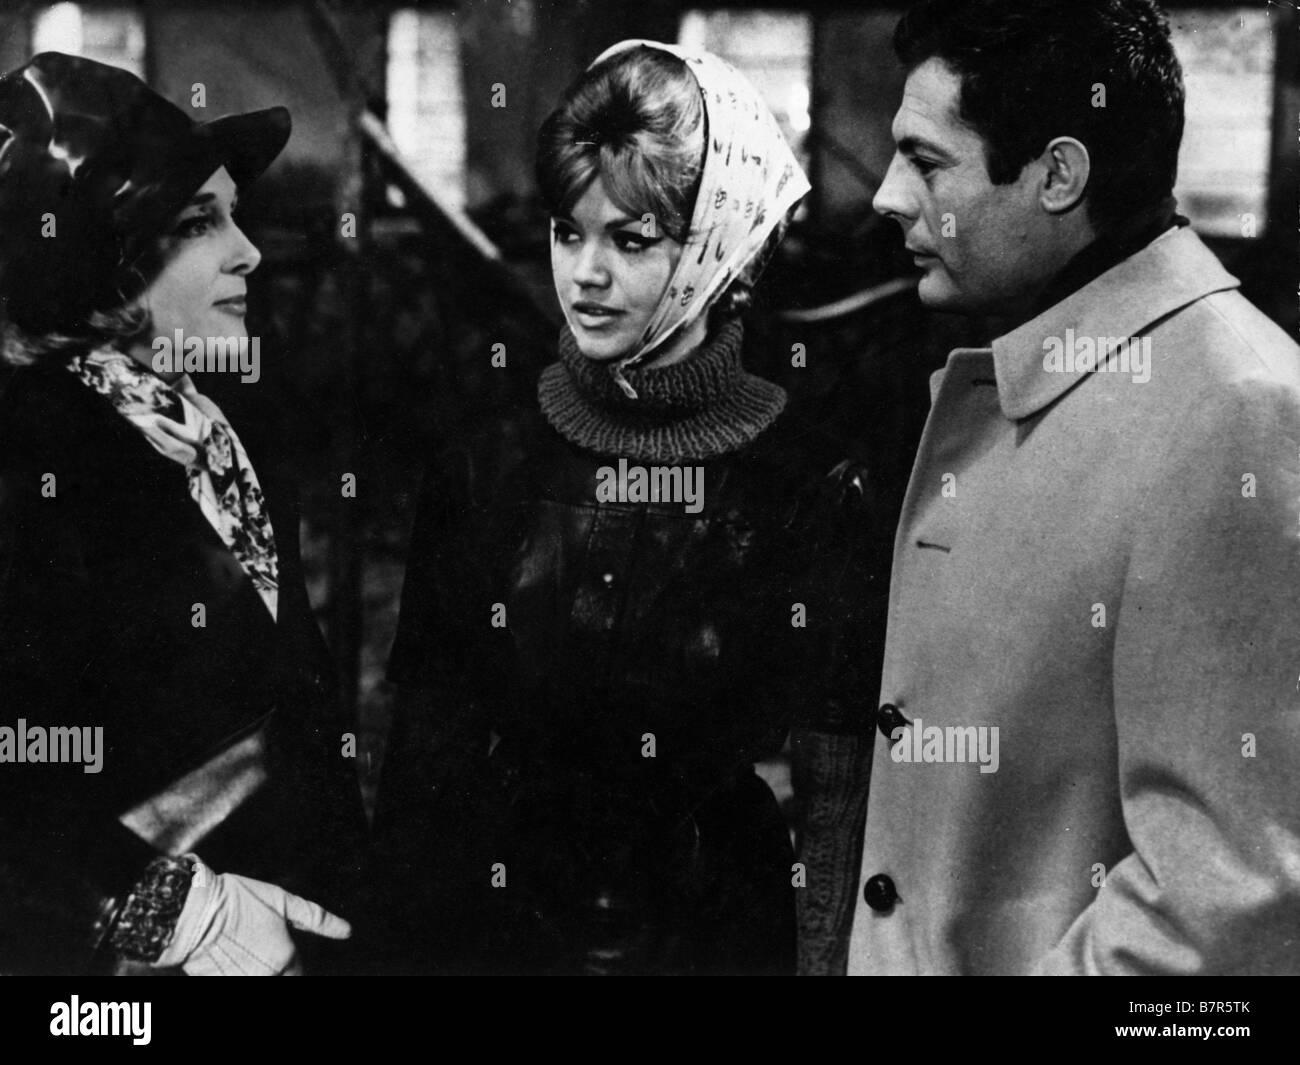 Gina Alajar (b. 1959),Nia Sanchez Hot archive Vivian Reed (silent film actress),Moyra Fraser